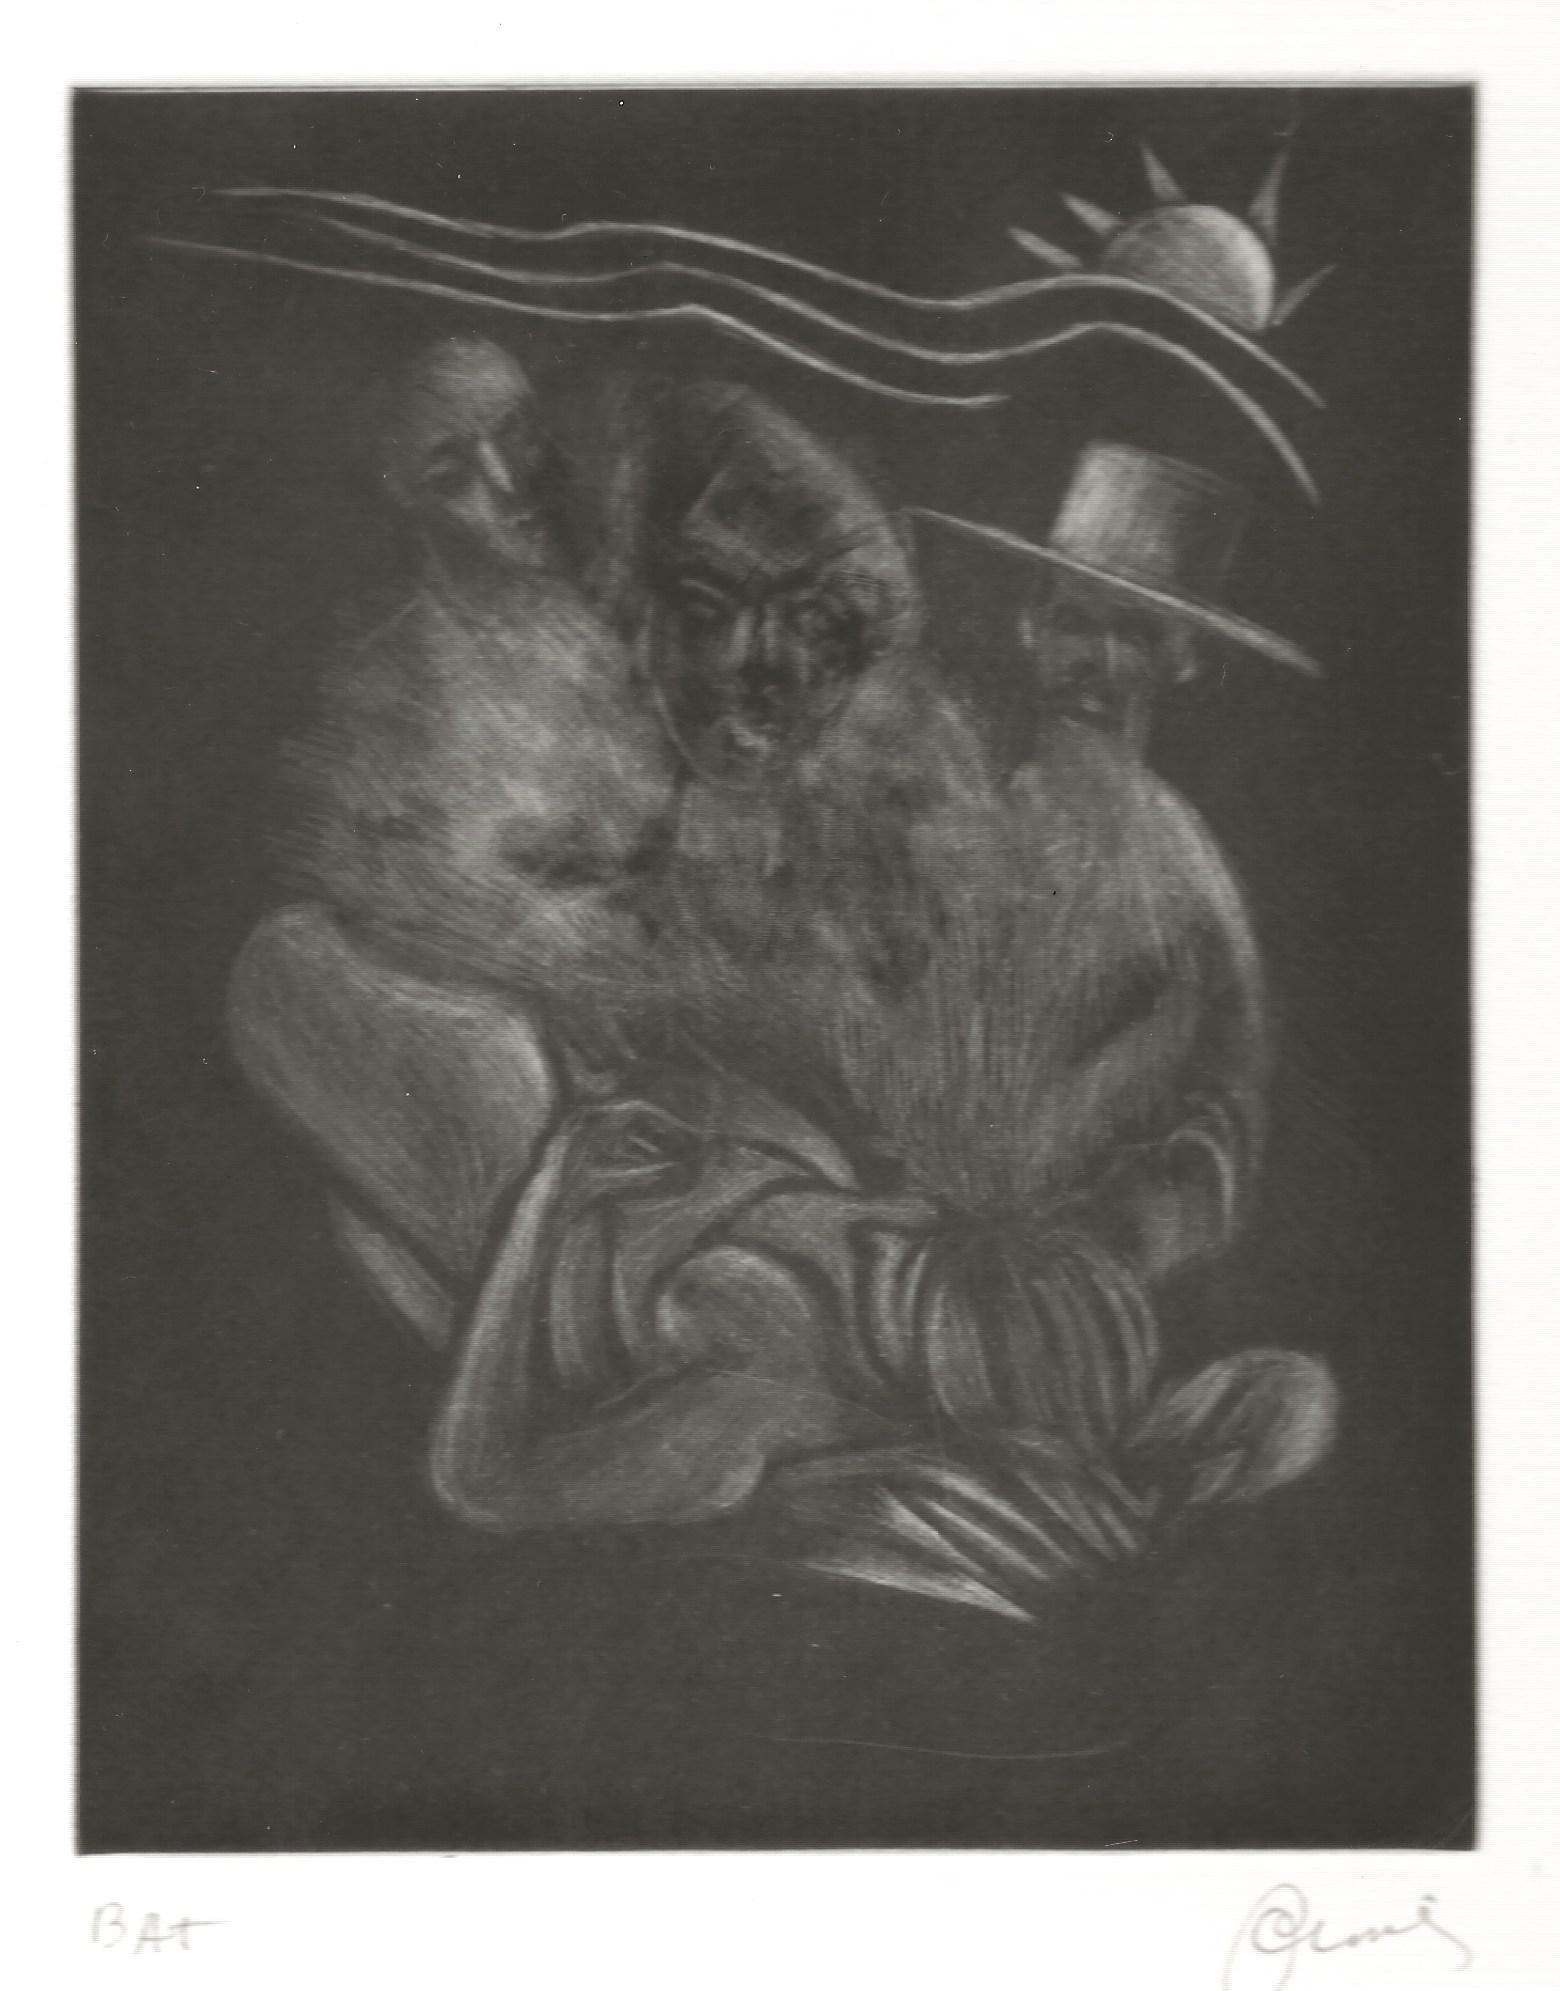 Nocturne, 2003